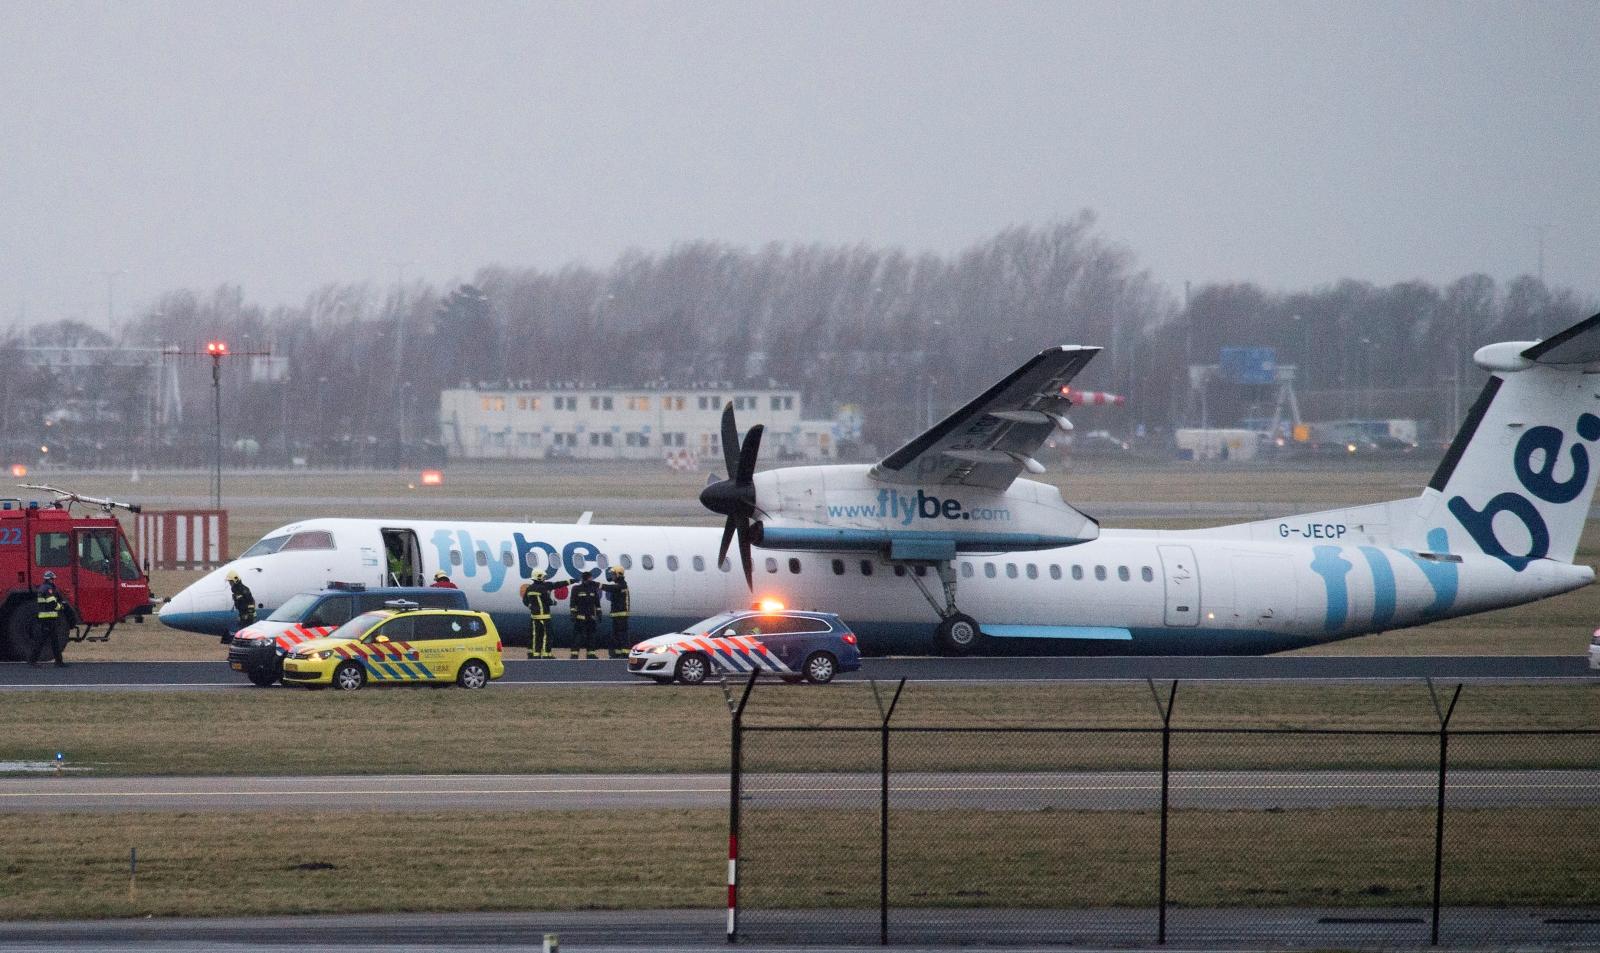 Flybe Schiphol crash landing 2017